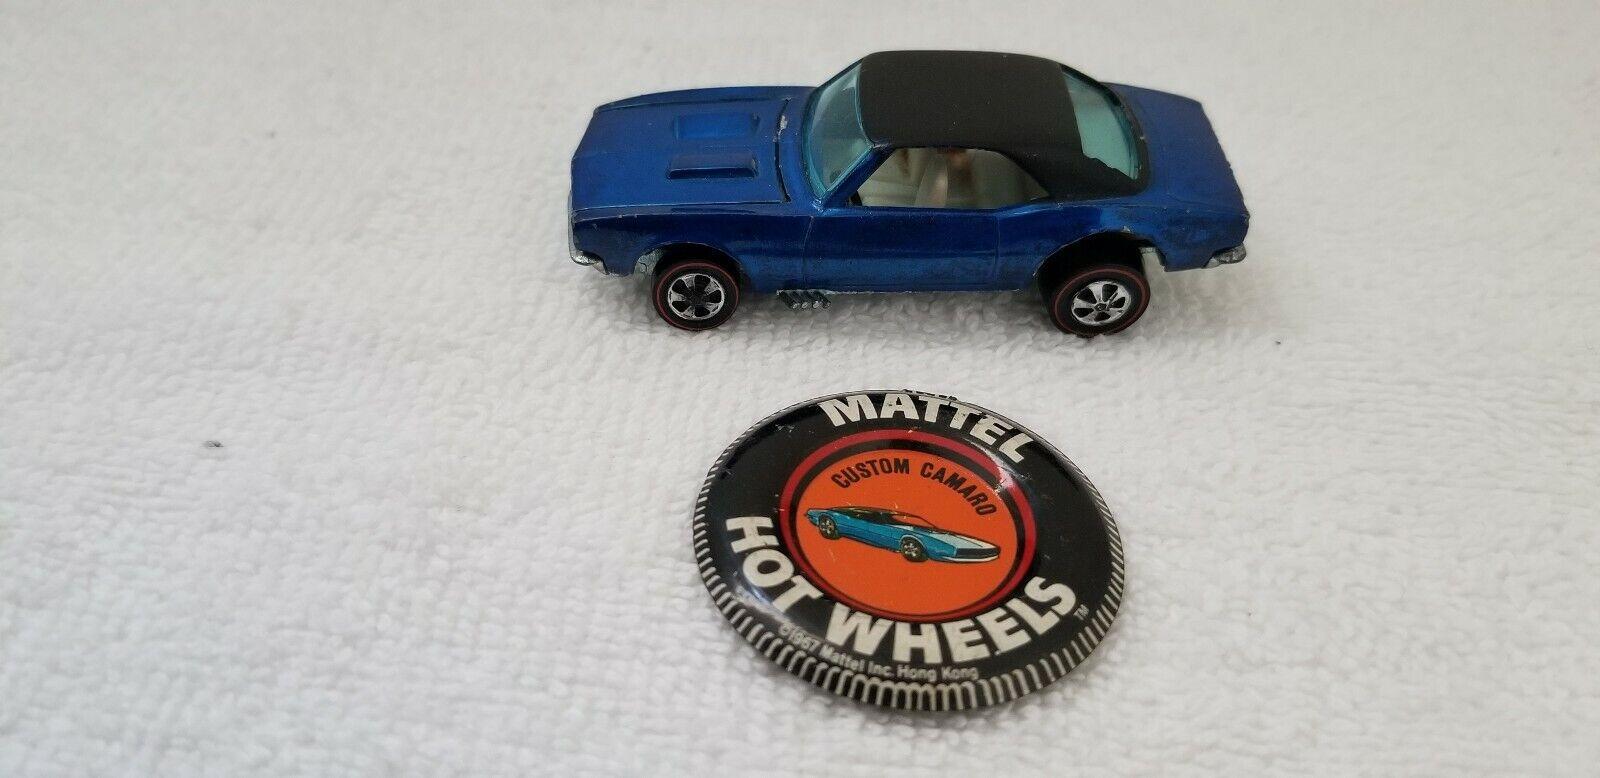 bajo precio 1967 Hot Wheels rojoline Personalizado Camaro Azul Con Con Con Tapa Negra con Botón Insignia  ofrecemos varias marcas famosas